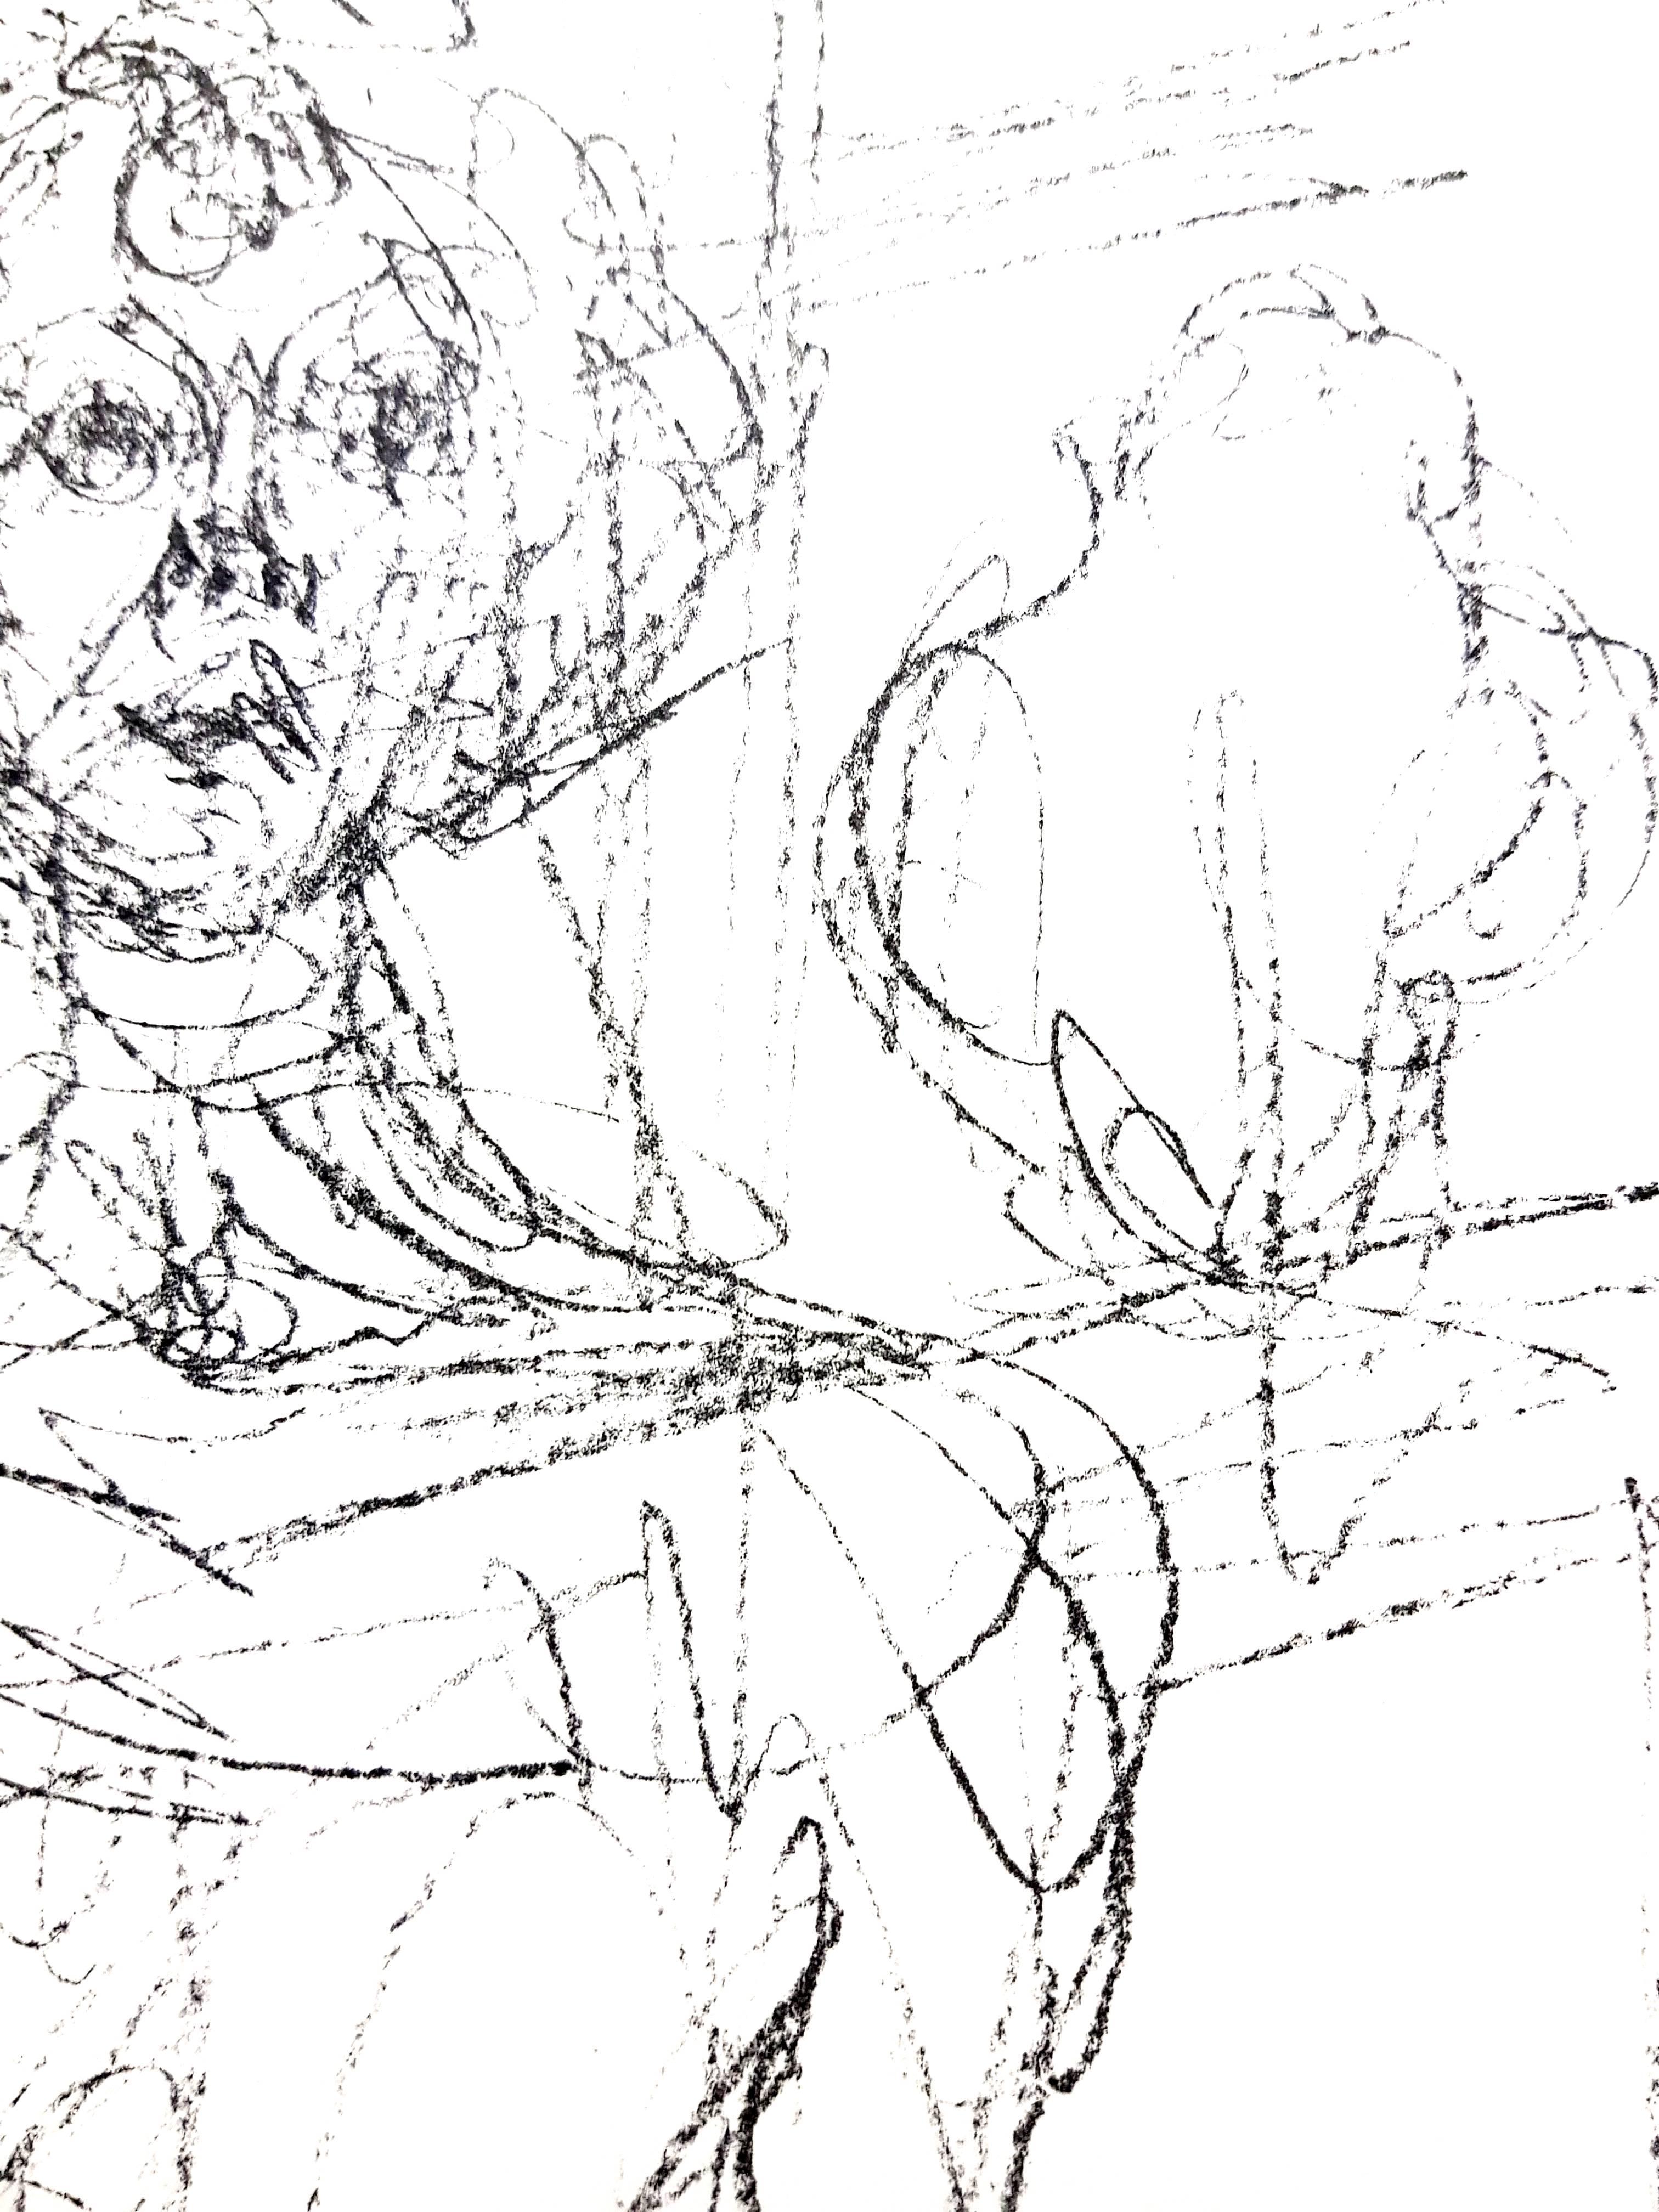 alberto gia etti alberto gia etti position original 20 X 20 Glass alberto gia etti position original lithograph 1964 dimensions 30 x 20 cm edition of